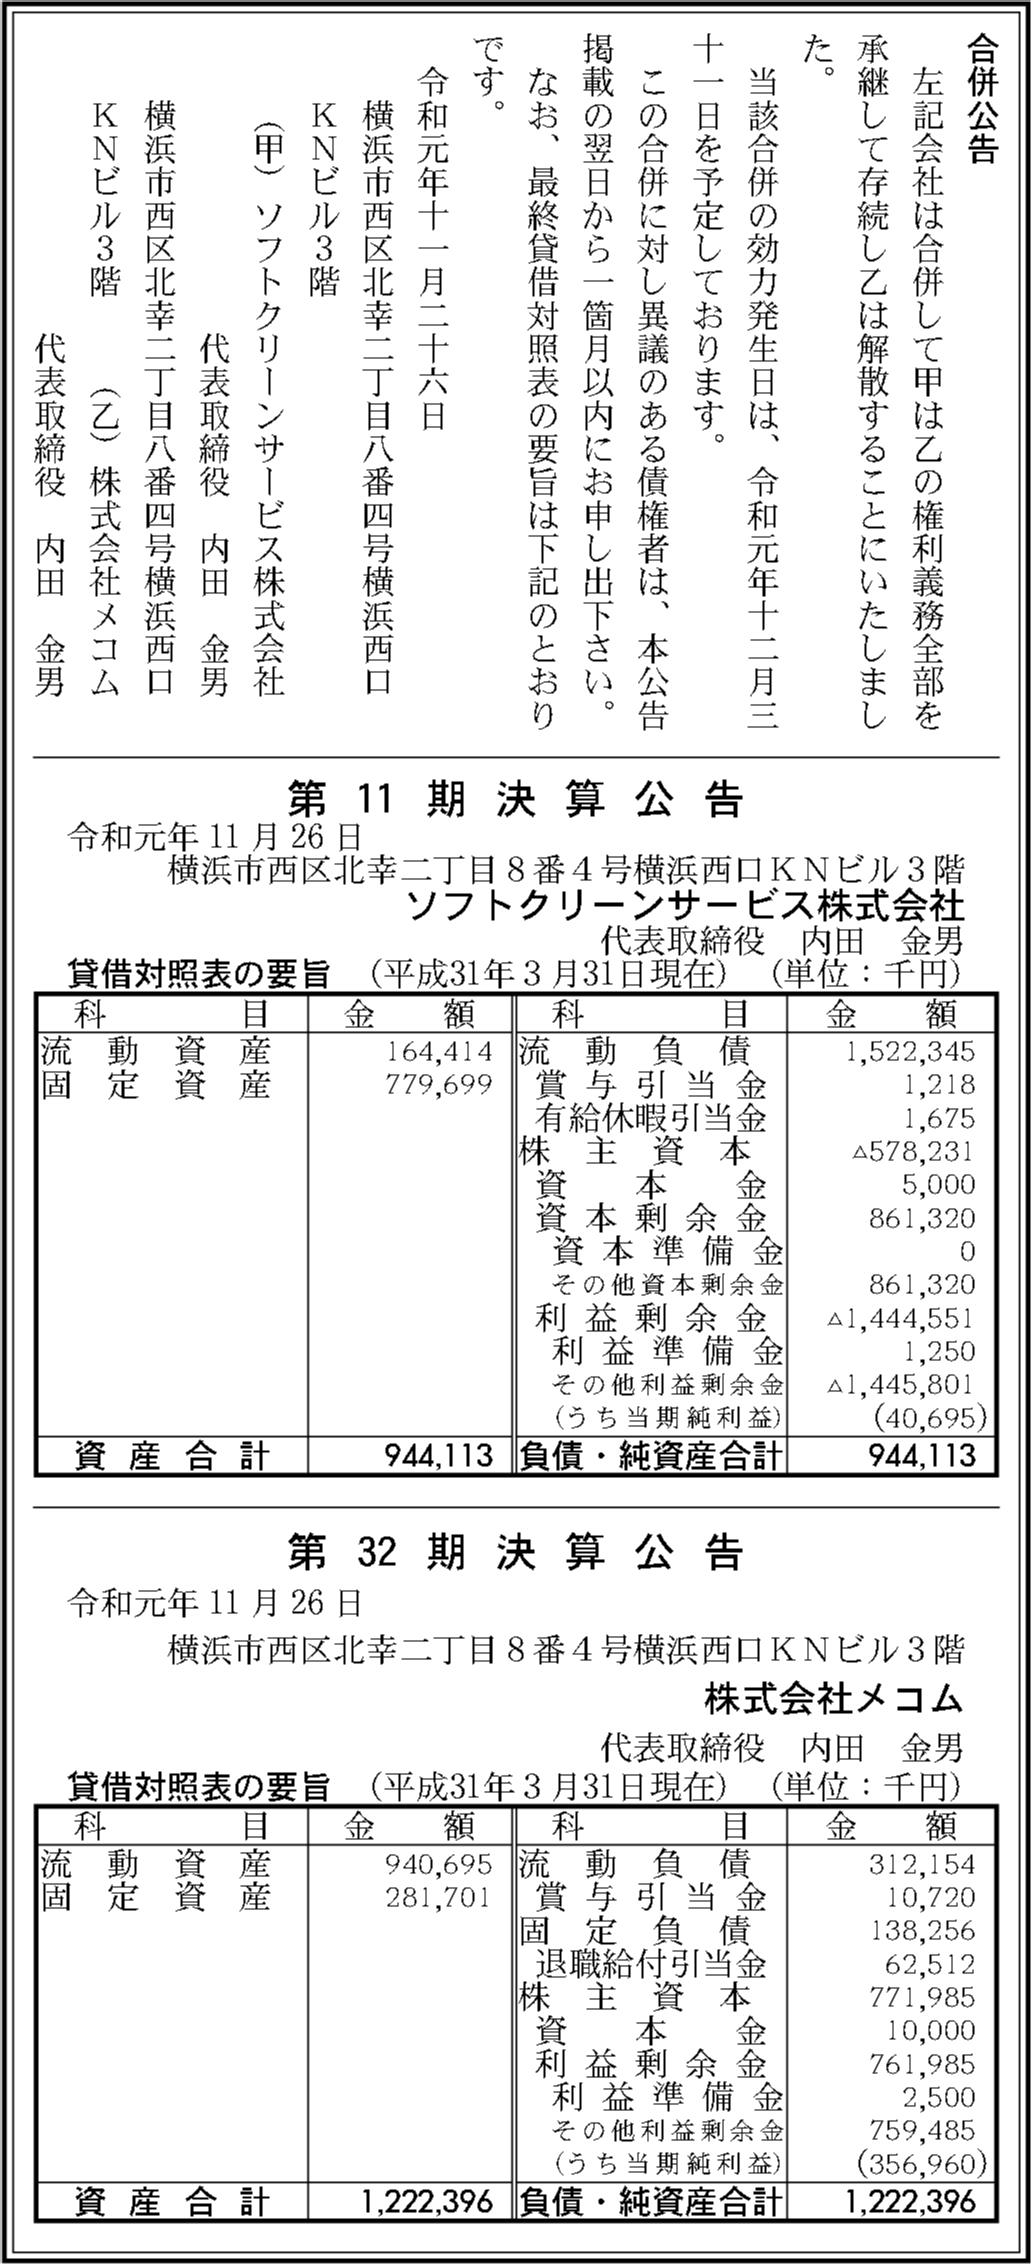 0095 369eb4a5a9543b764e707de29a582ed9477eaefb573e6f7793fa8024ab16b92957f7256bd941262725122f4bd81844343c6593f614ba4a5b8e41a4a220c0ae74 04